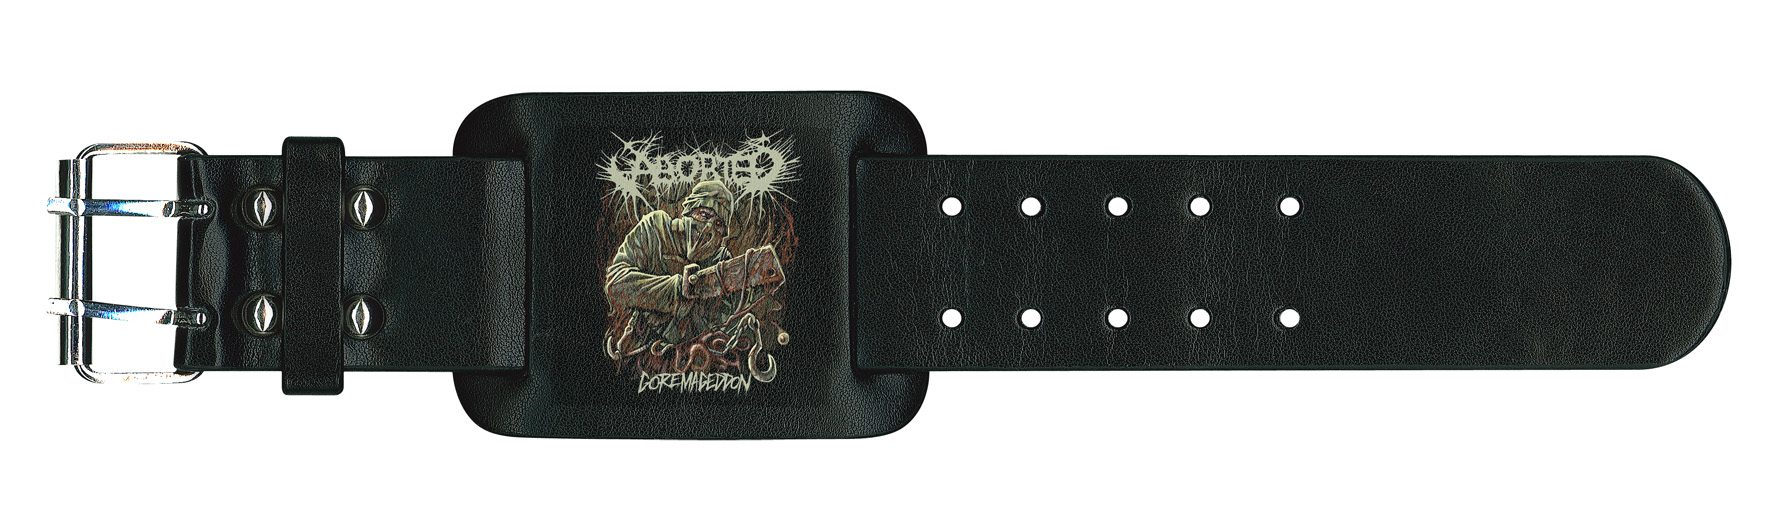 Aborted Leather Wristband Goremageddon